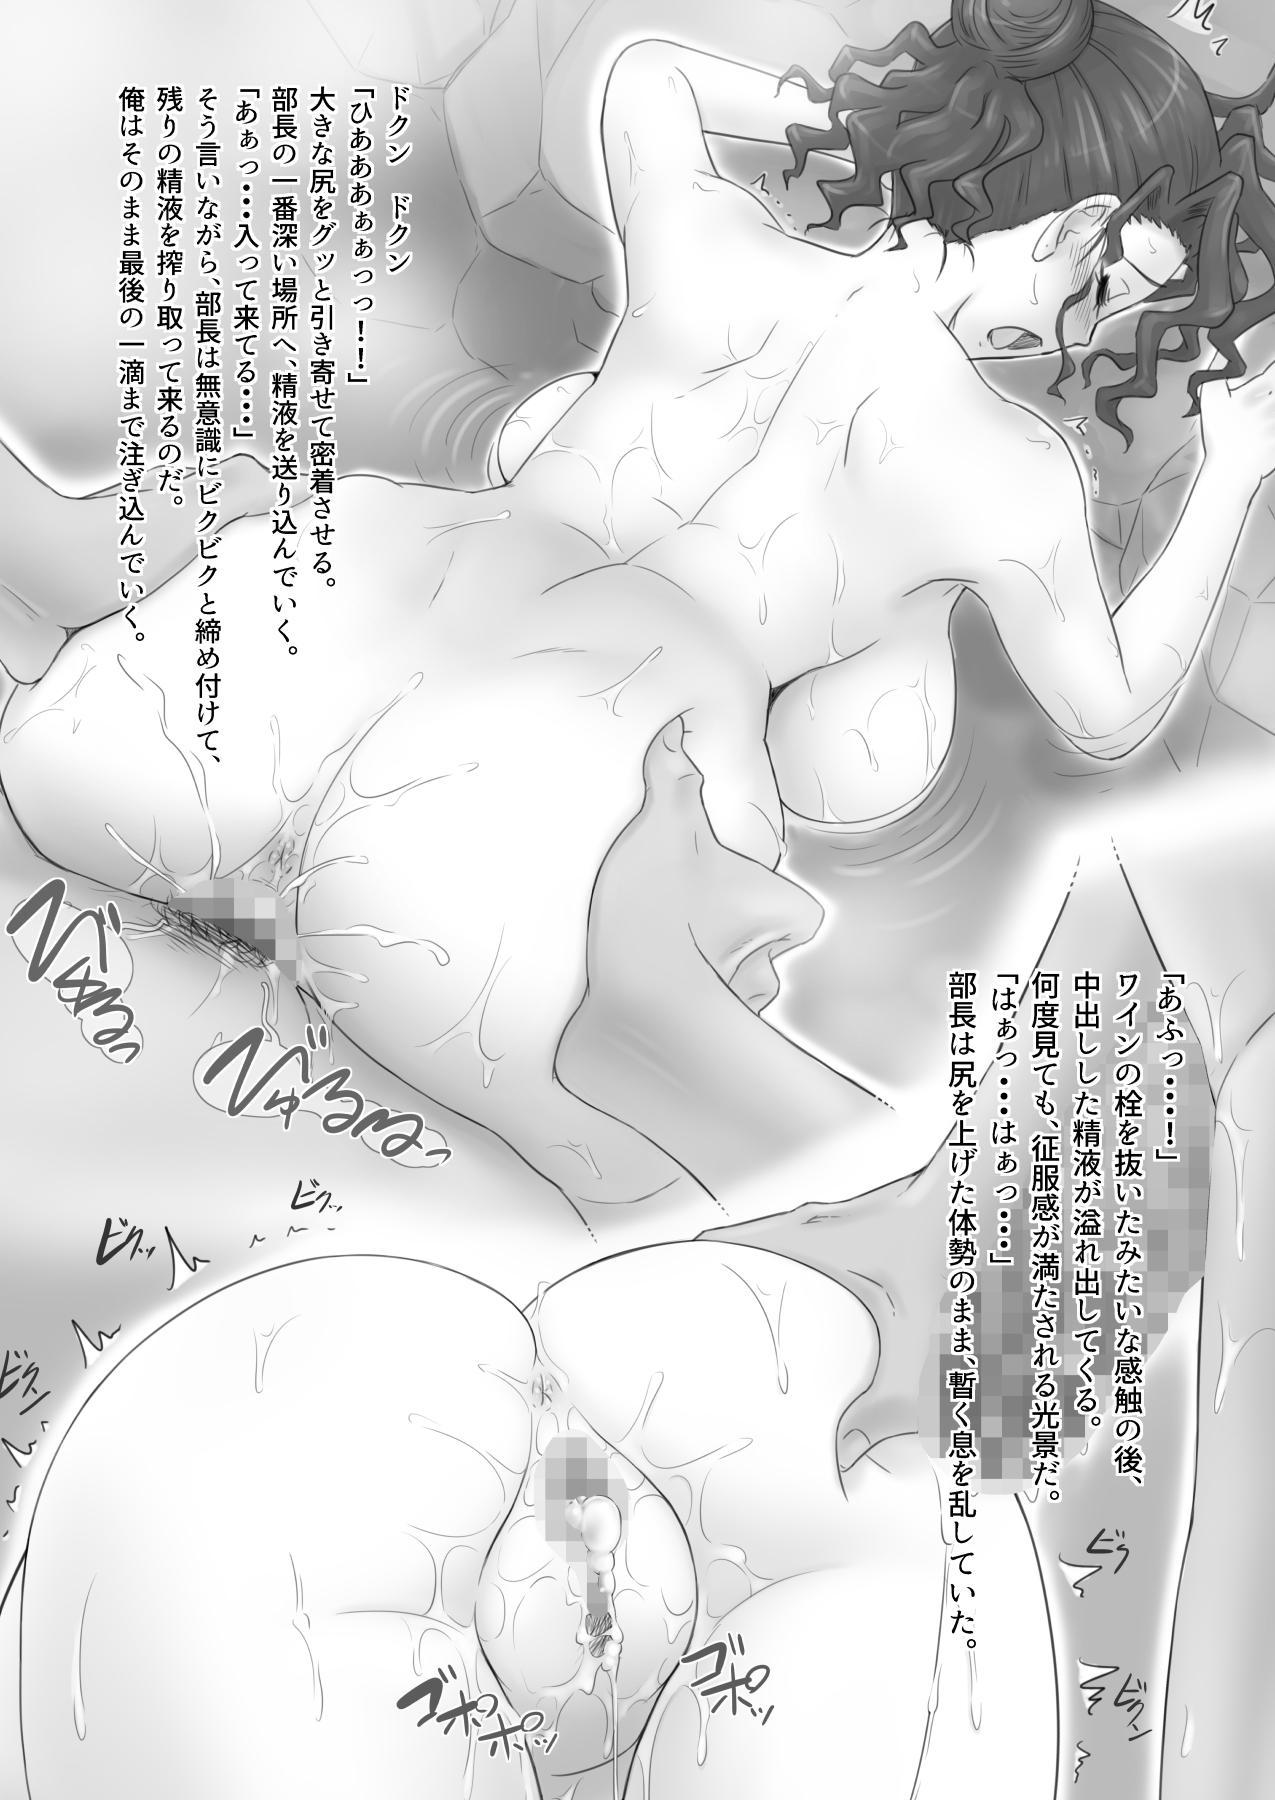 [Urayoroduya (Yoroduya Hyakuhachi)] Ki no Tsuyoi Onna Joushi (31-sai Hitozuma) o Shigotochuu ni Yobidashite, Gouin ni Nakadashi SEX Shitara Chotto dake Dereta Ken www [Digital] 22